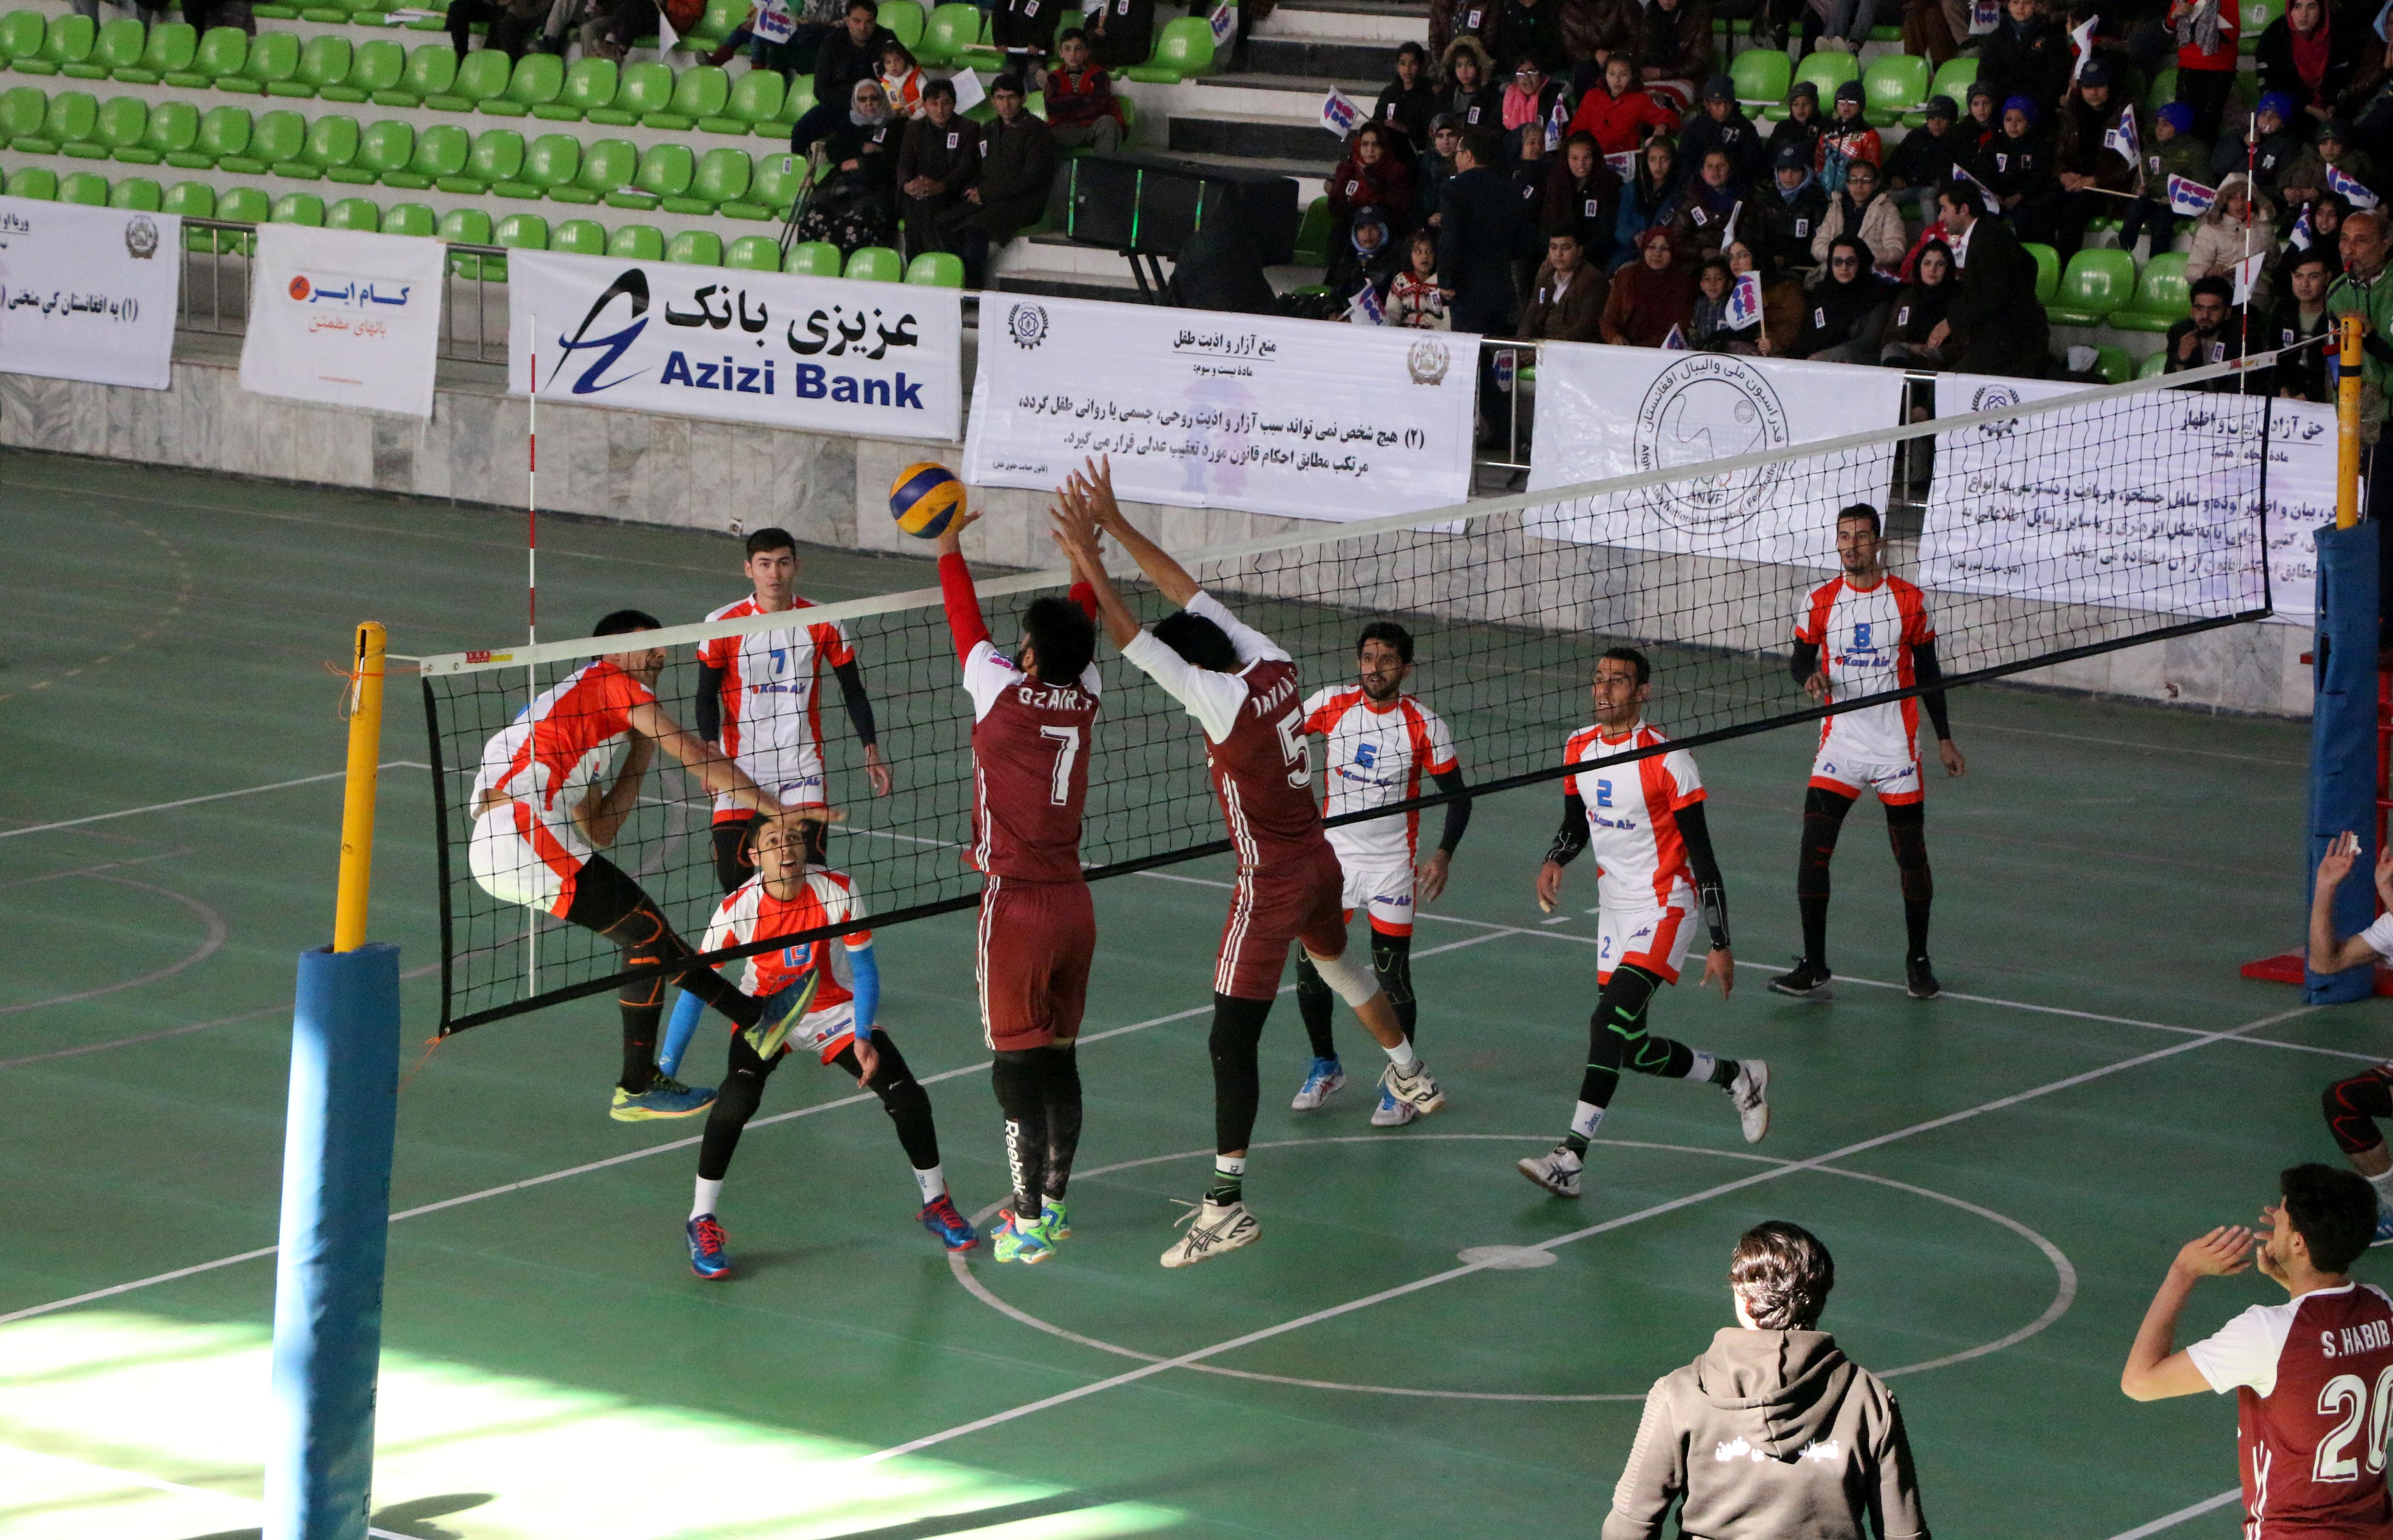 رقابتهای جام قهرمانی باشگاه ها و تیم های منتخب والیبال کشور با قهرمانی تیم غلام حیدرجیلانی به پایان رسید.